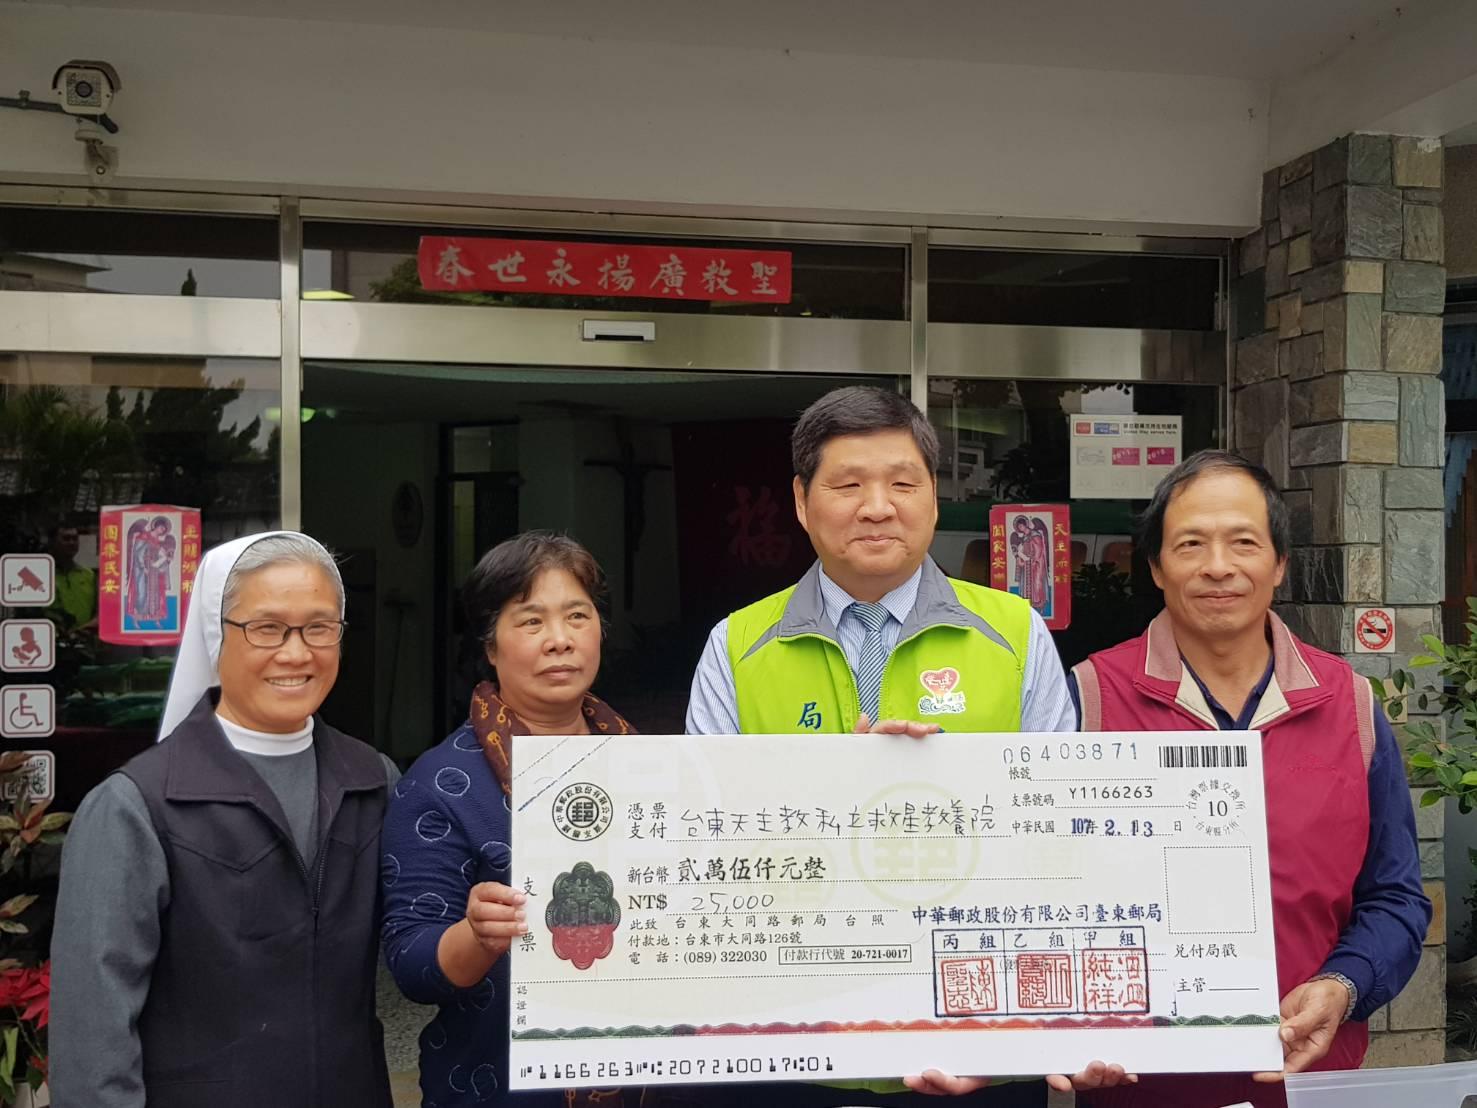 臺東郵局關懷農產行銷 愛心捐贈台東救星教養院